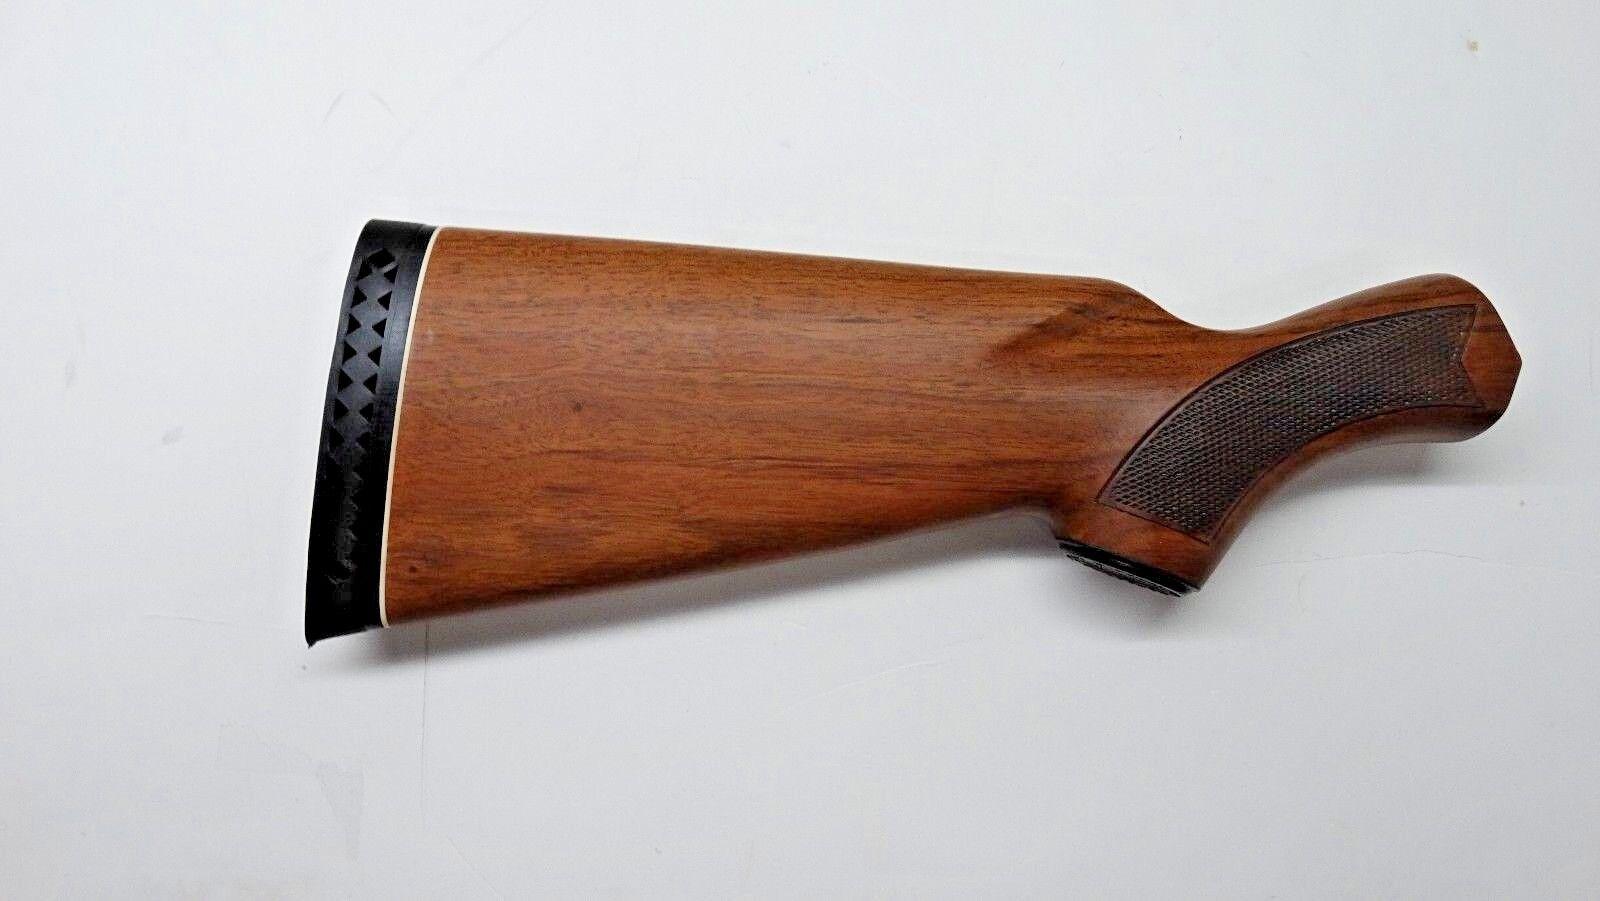 CCOP USA Winchester 1200-1500 12GA Shotgun Rifle Scope Saddle Mount MNT-WIN1200